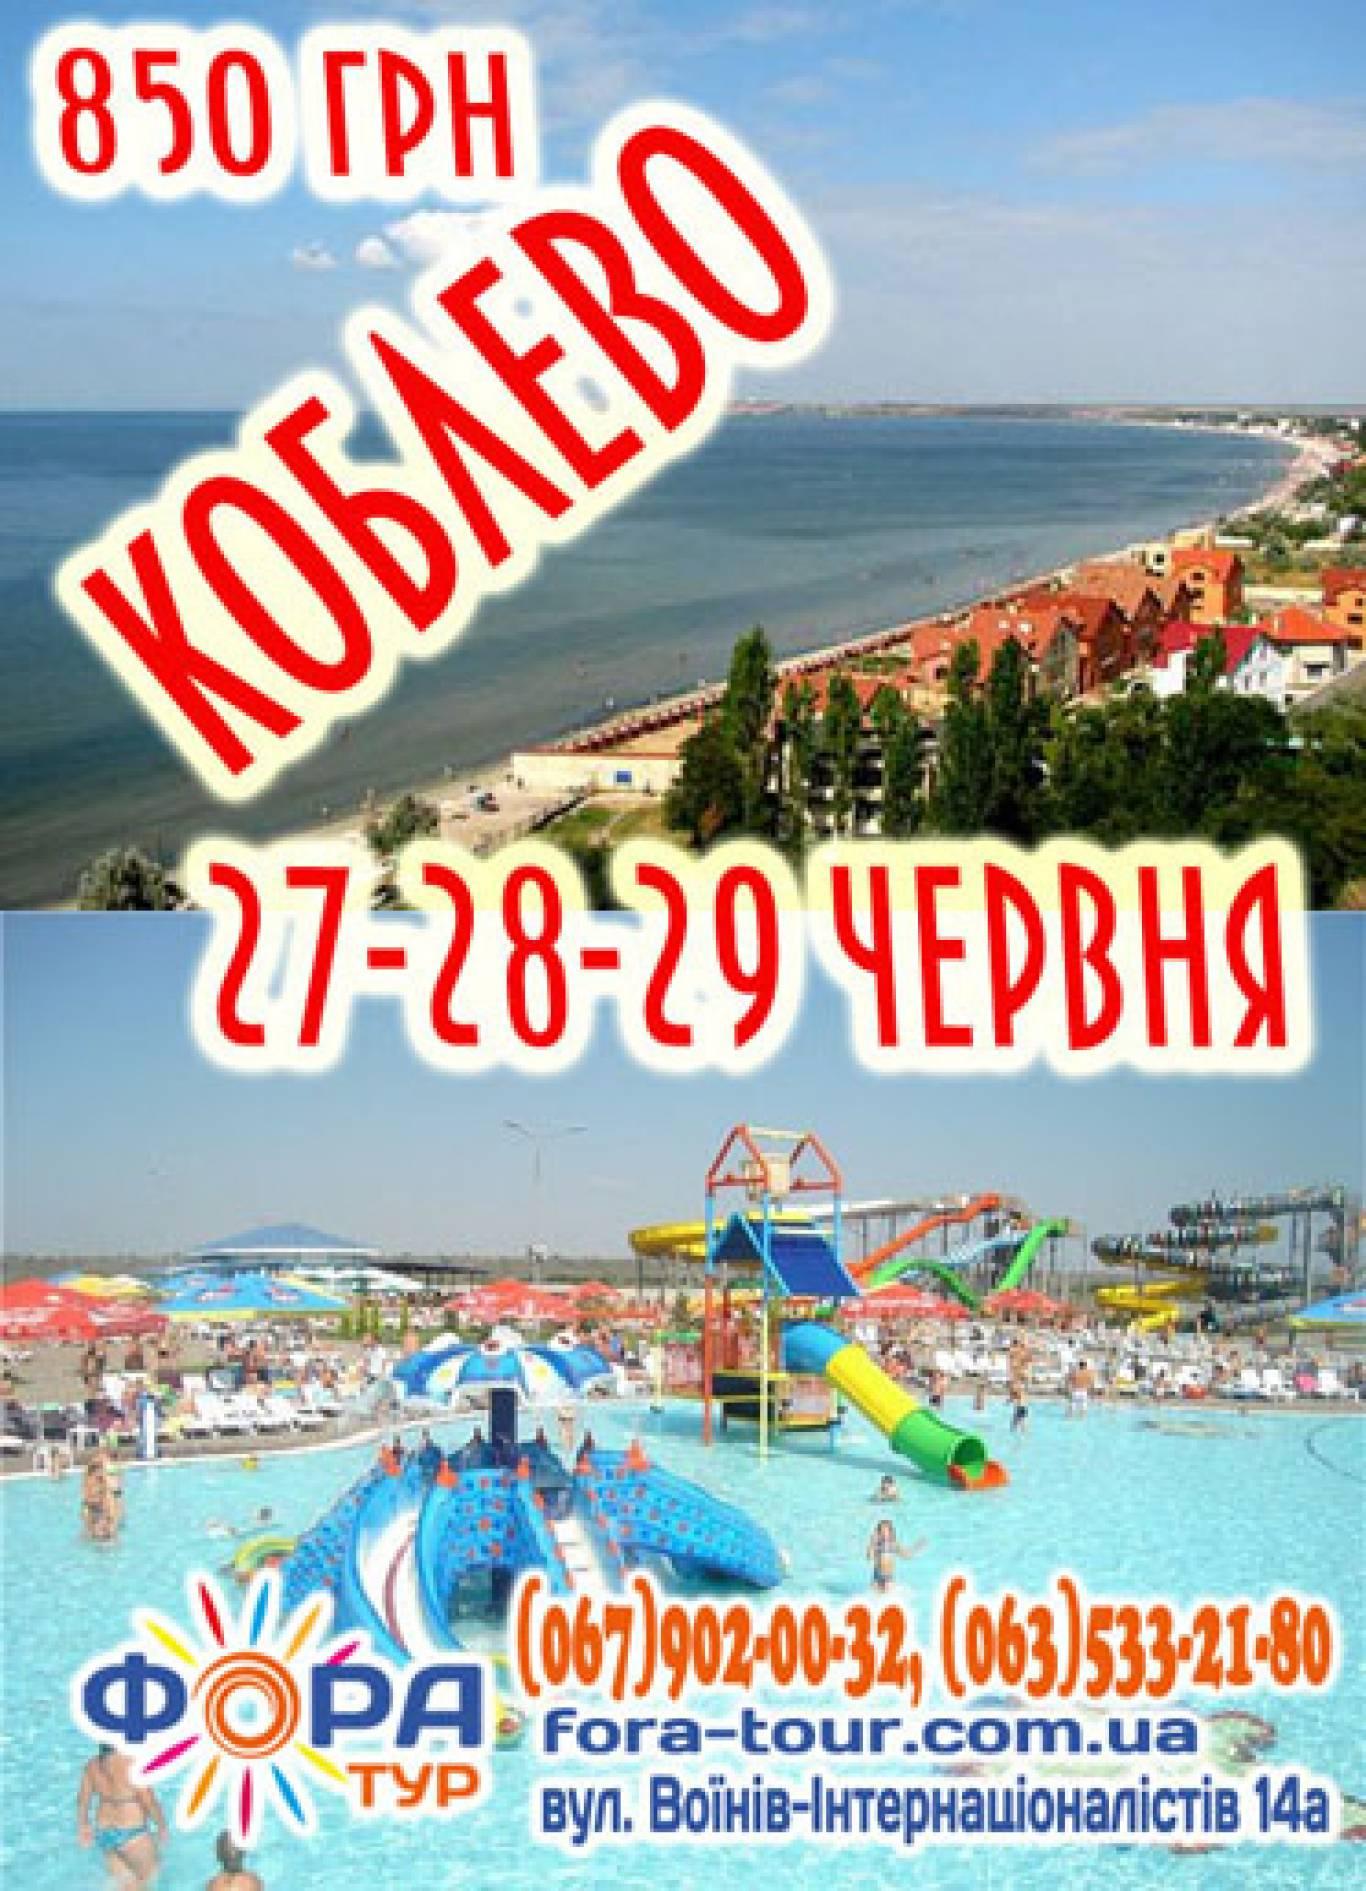 Відпочинок у Коблево! Виїзди з Вінниці 27-28-29 червня!